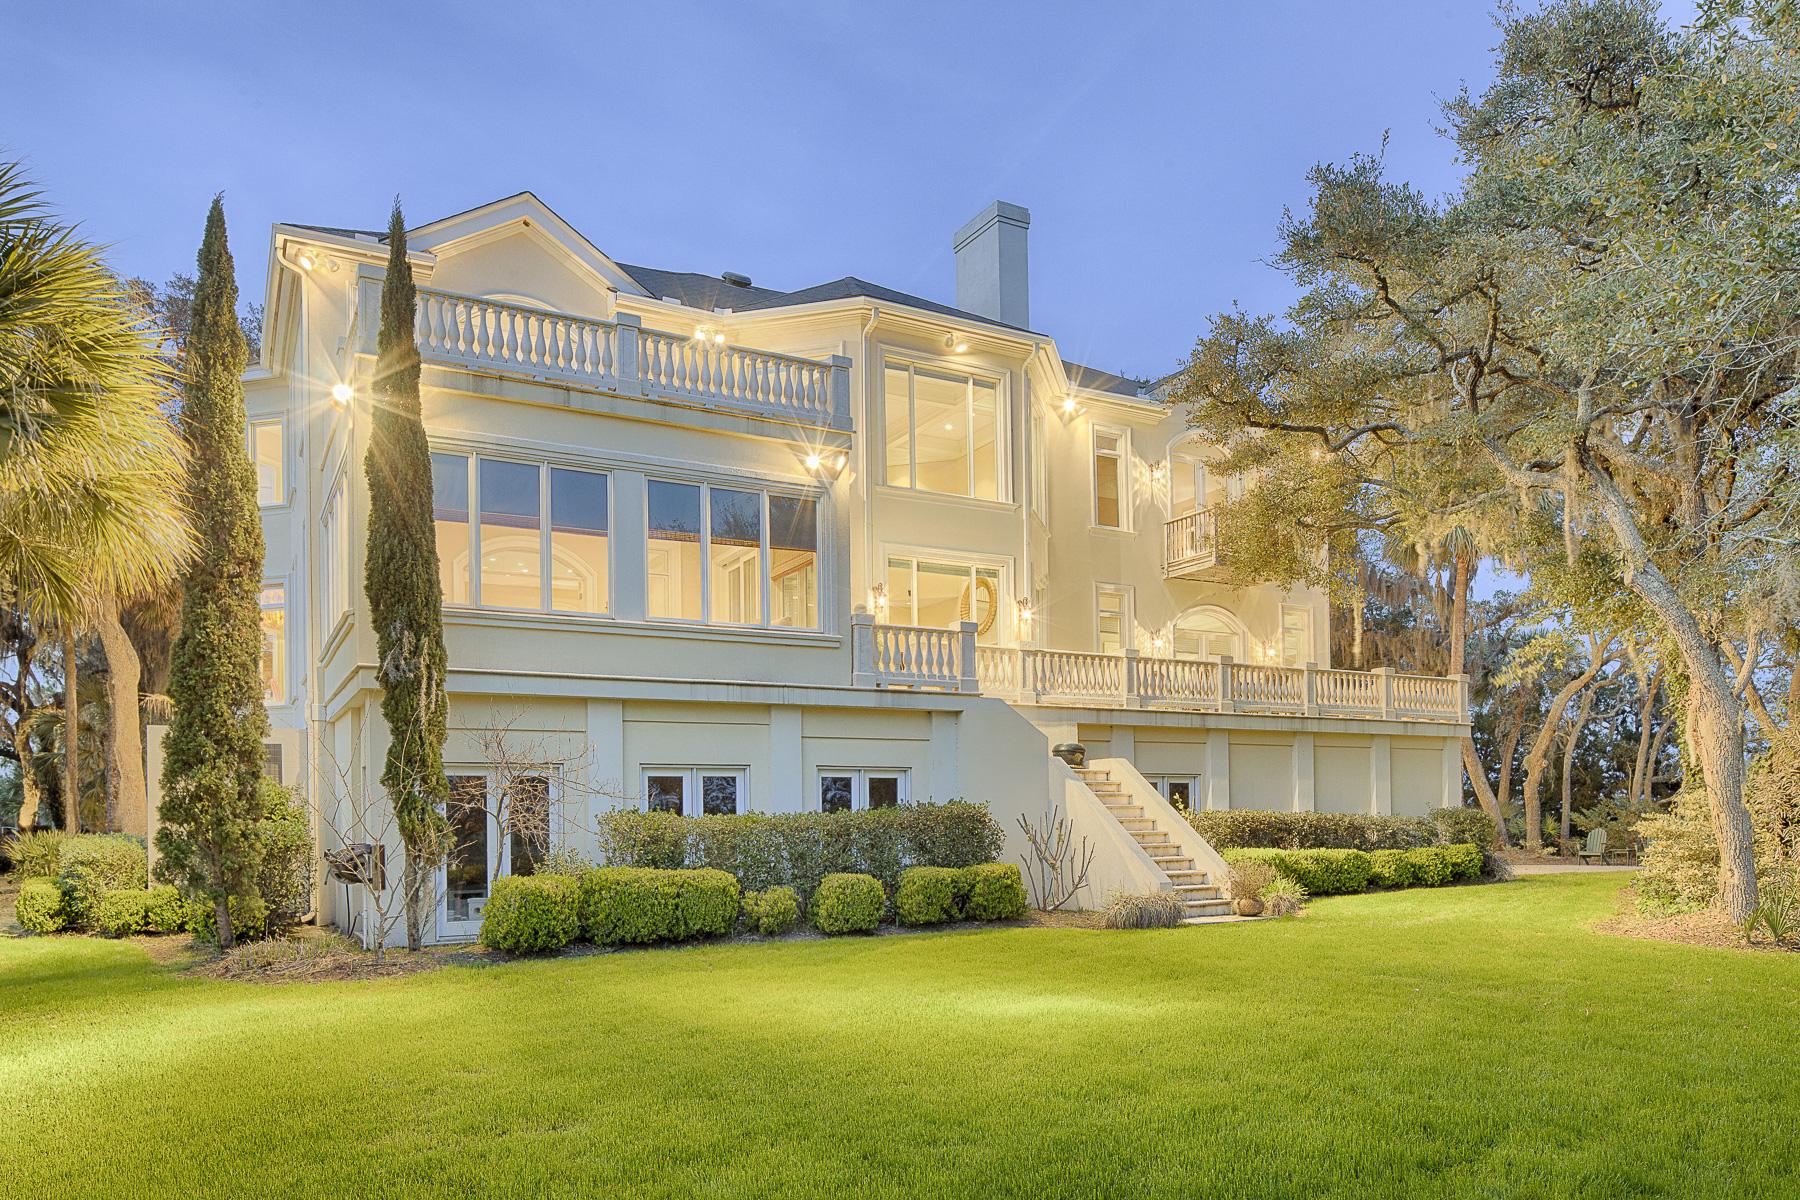 Einfamilienhaus für Verkauf beim 30 Queen's Way Bluffton, South Carolina 29910 Vereinigte Staaten